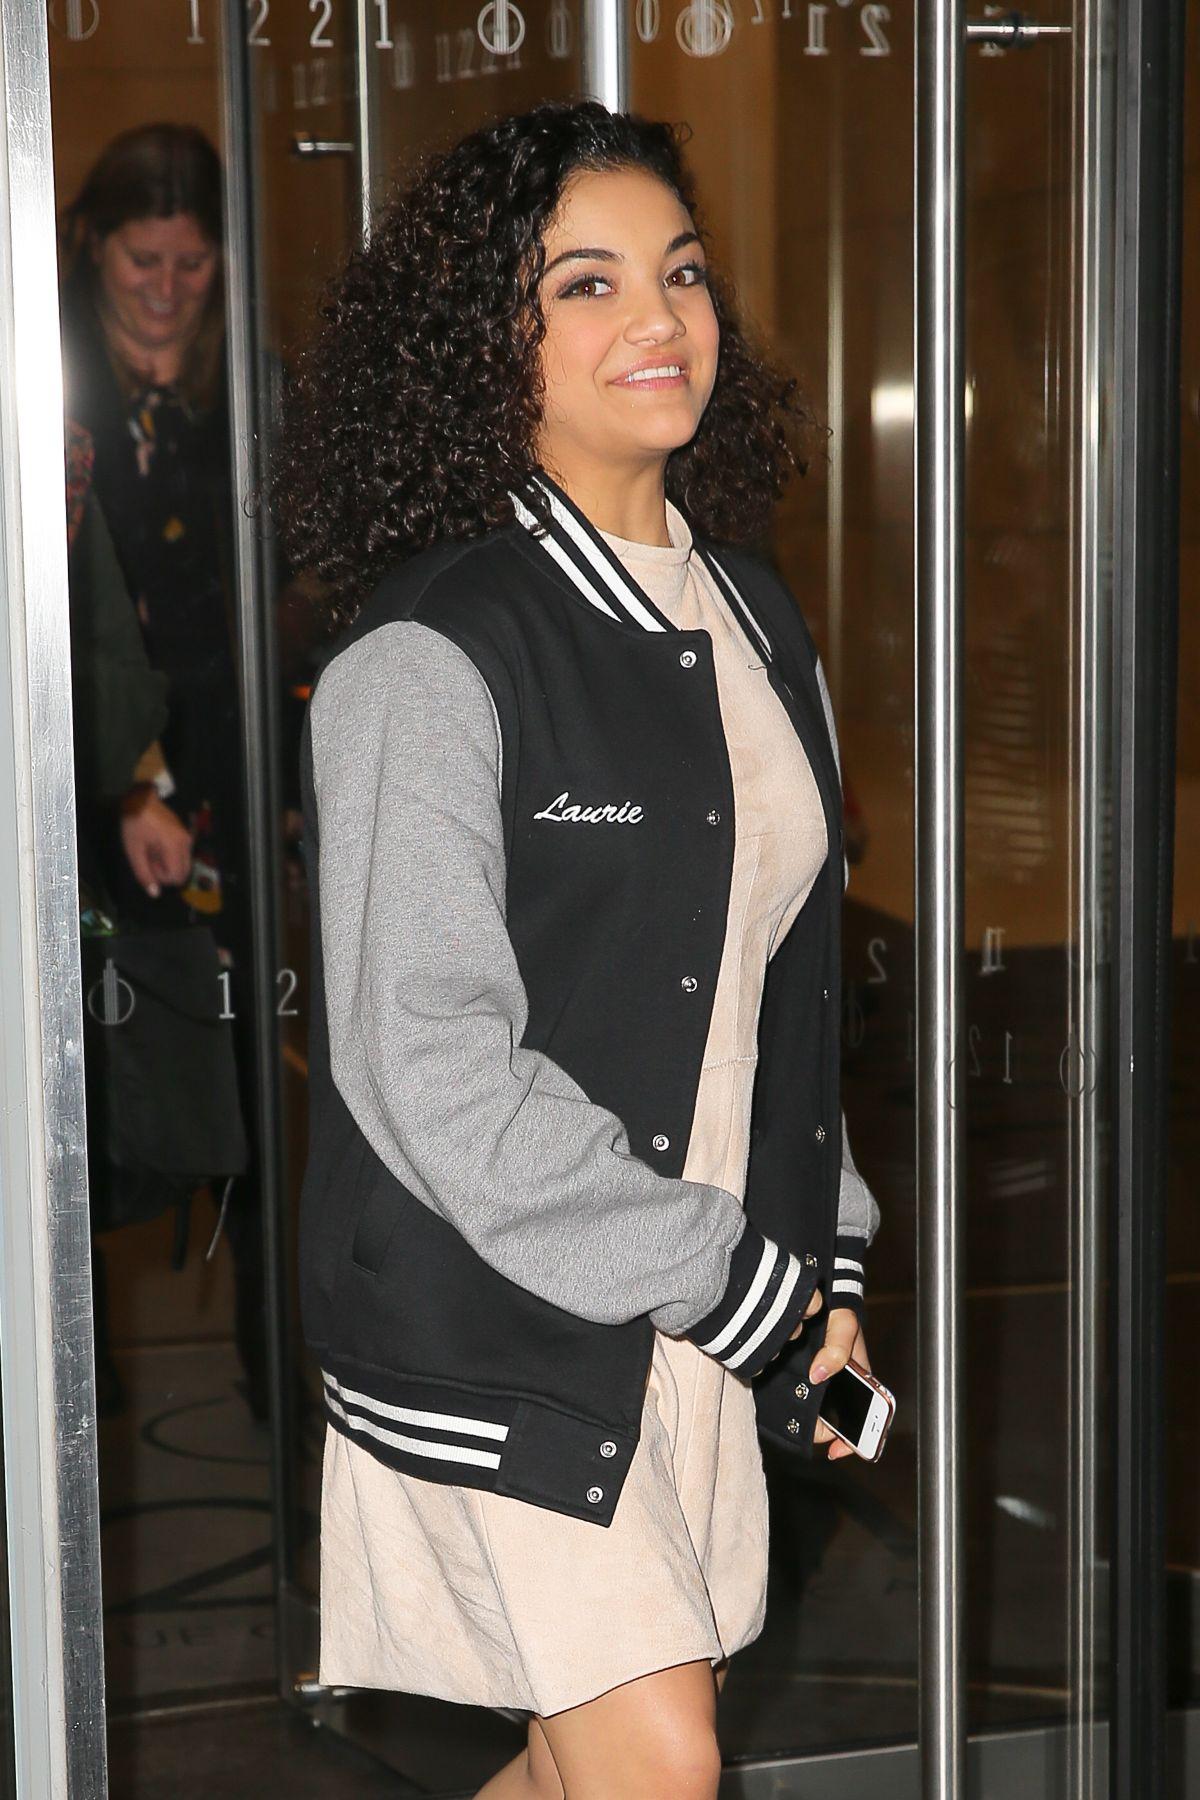 LAURIE HERNANDEZ Leaves SiriusXM Radio in New York 01/23/2017